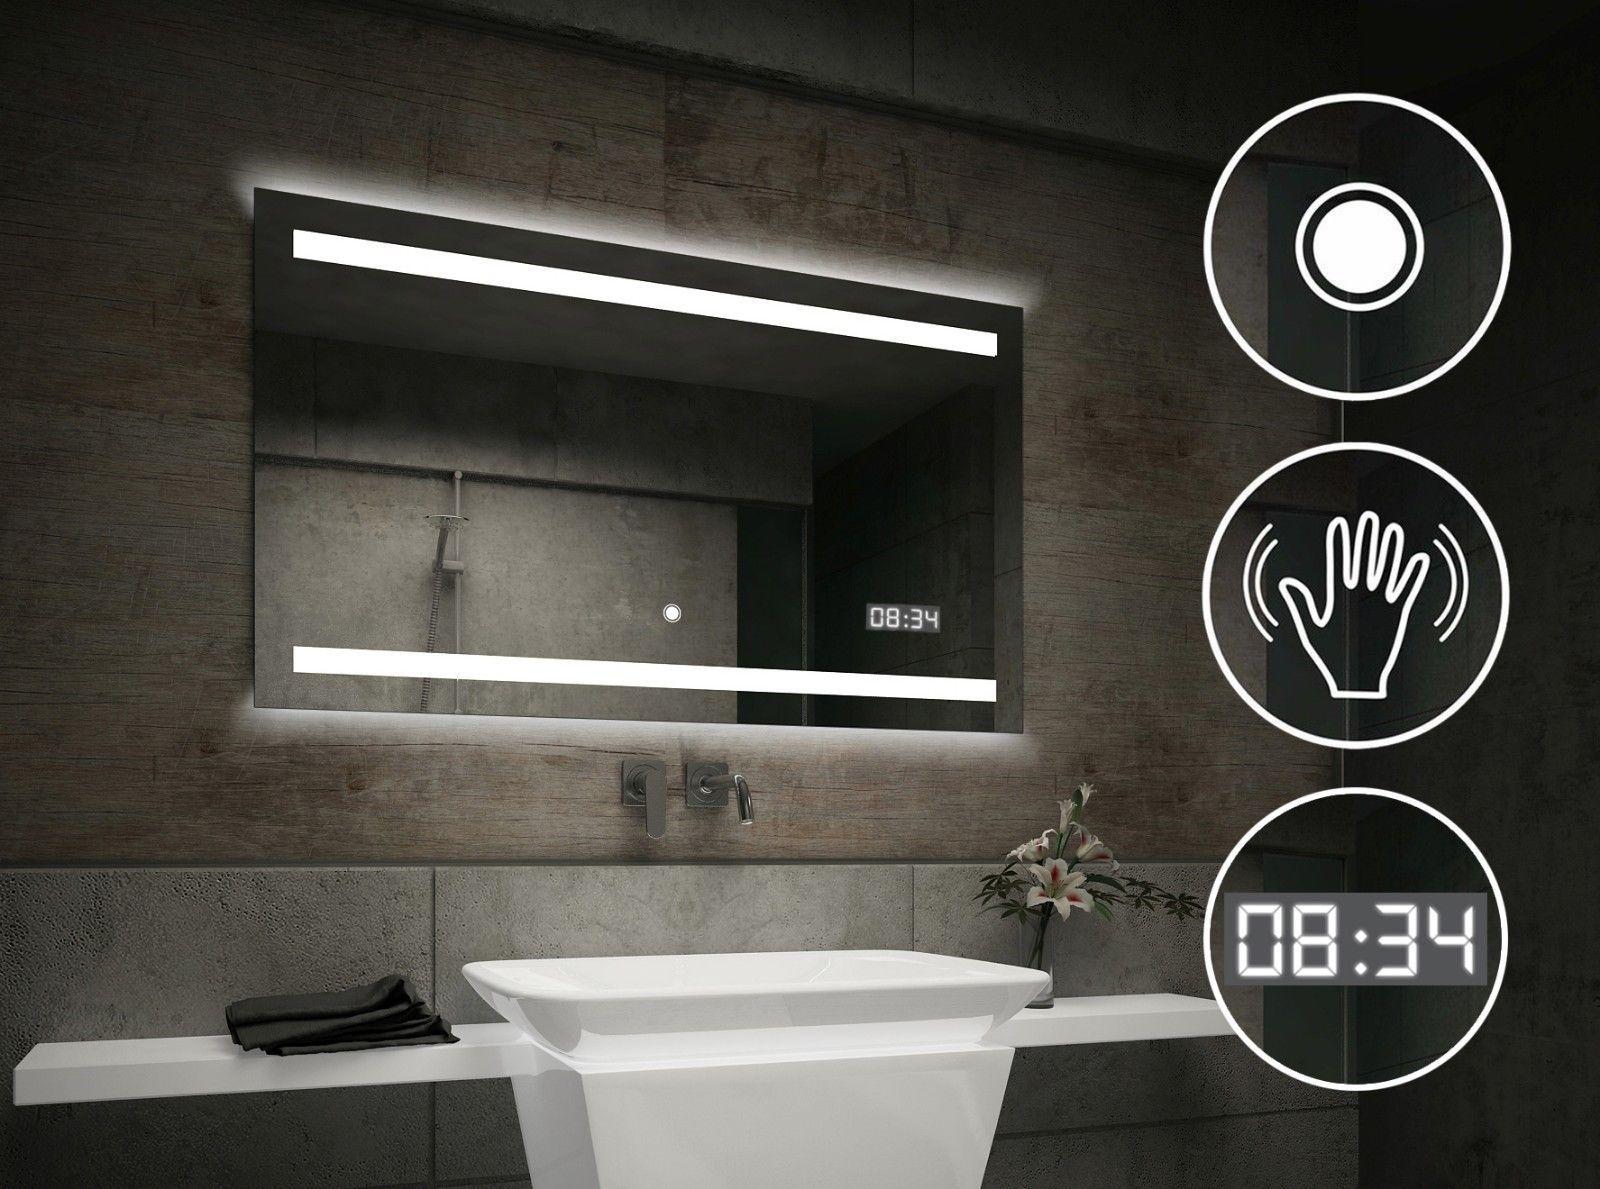 Led Spiegel Badkamer : Moderne badkamer spiegel met led l schakelaar led klok check